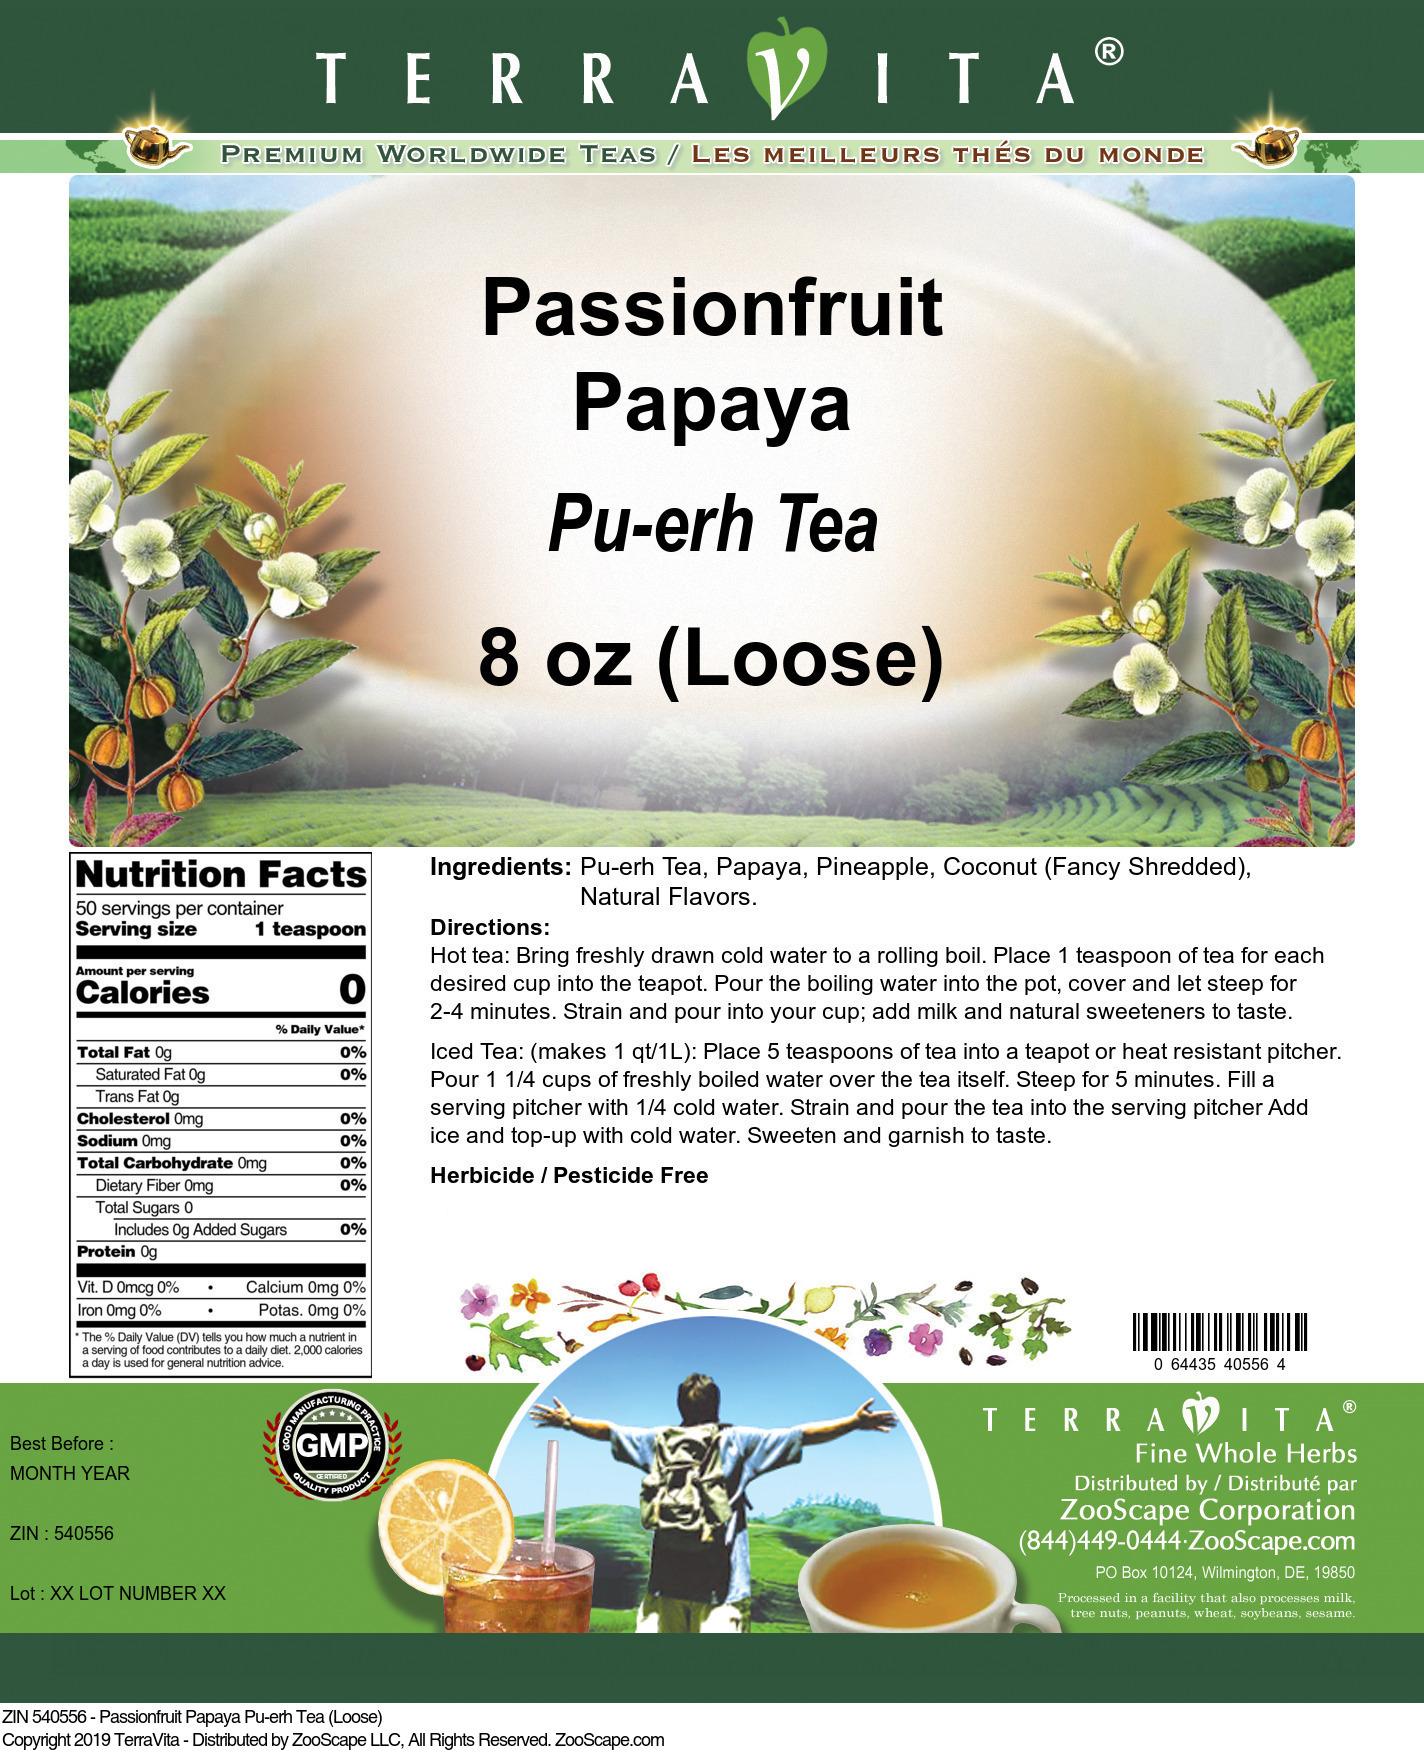 Passionfruit Papaya Pu-erh Tea (Loose)